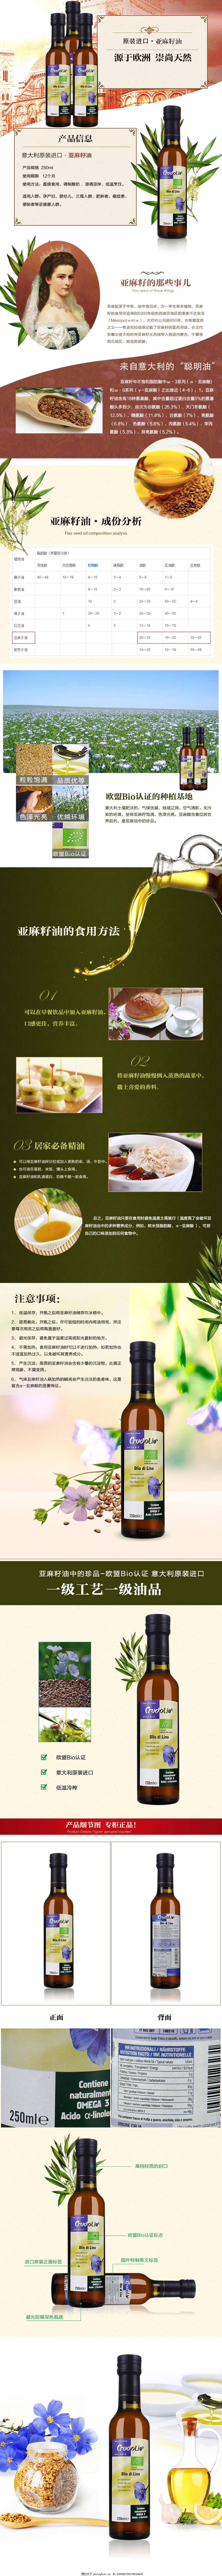 食品详情页 (2) 淘宝 京东 天猫 背景 白色